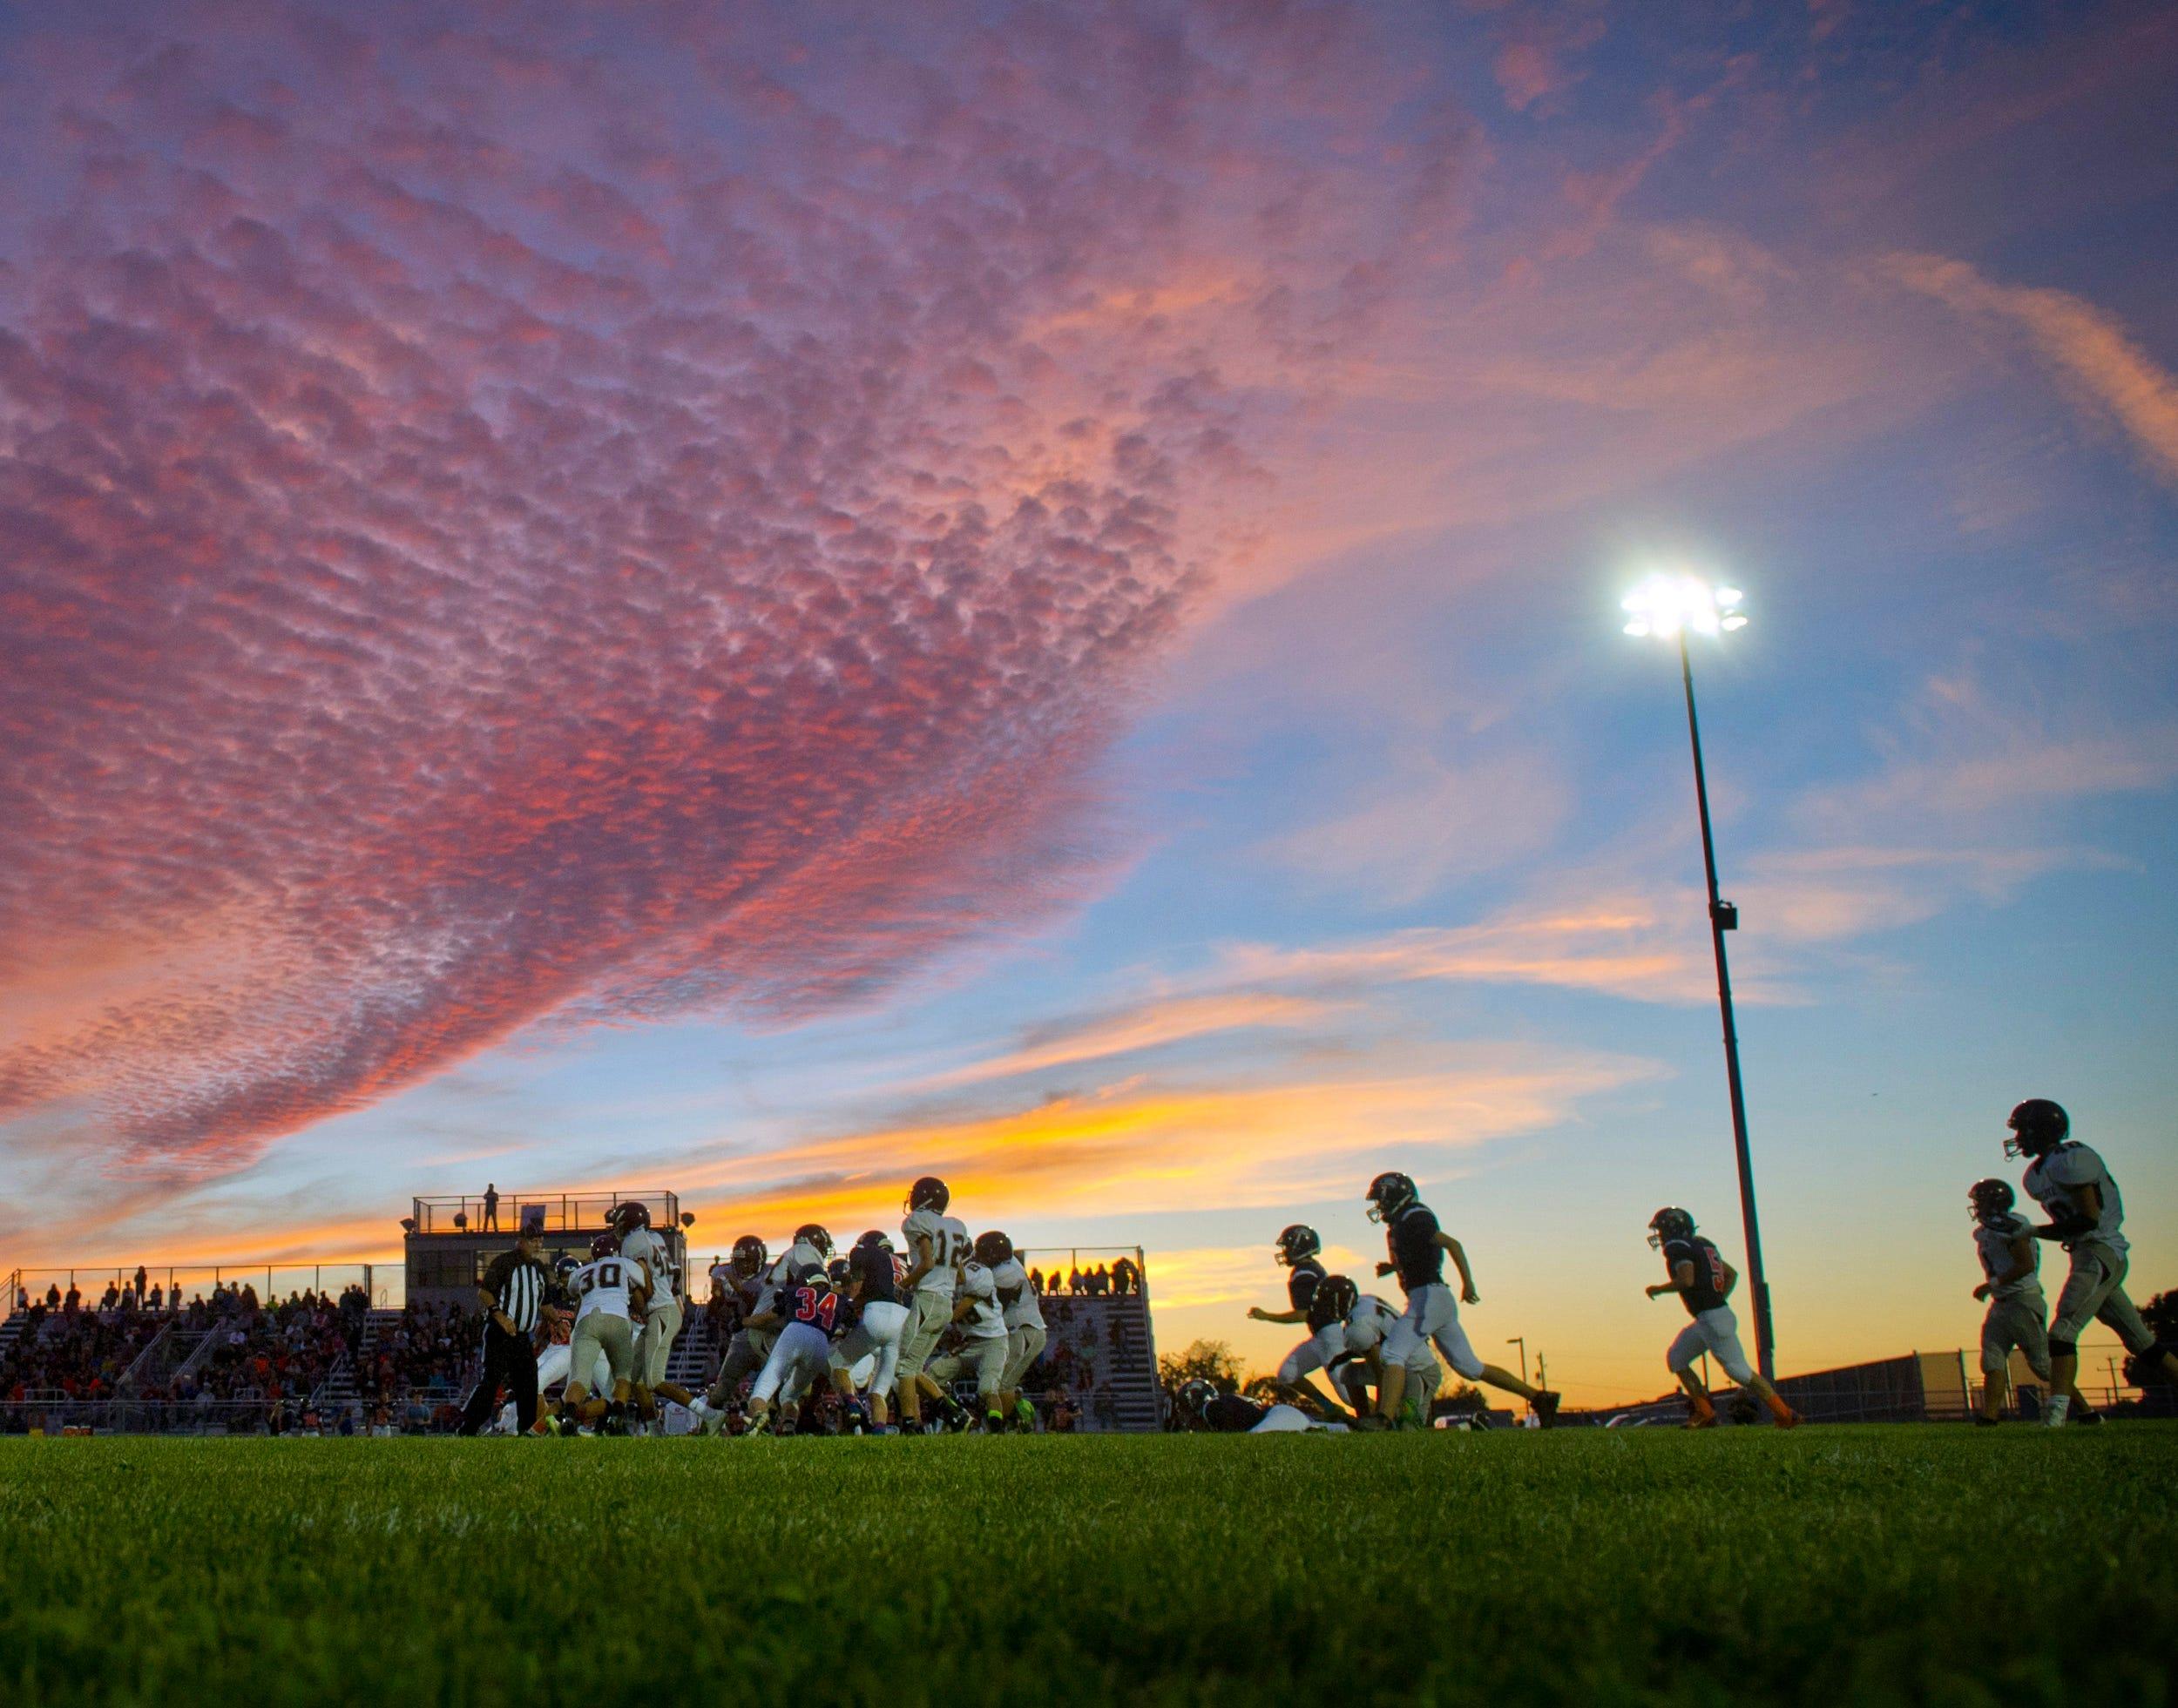 Ap Sunset Football A Fea Usa Wa